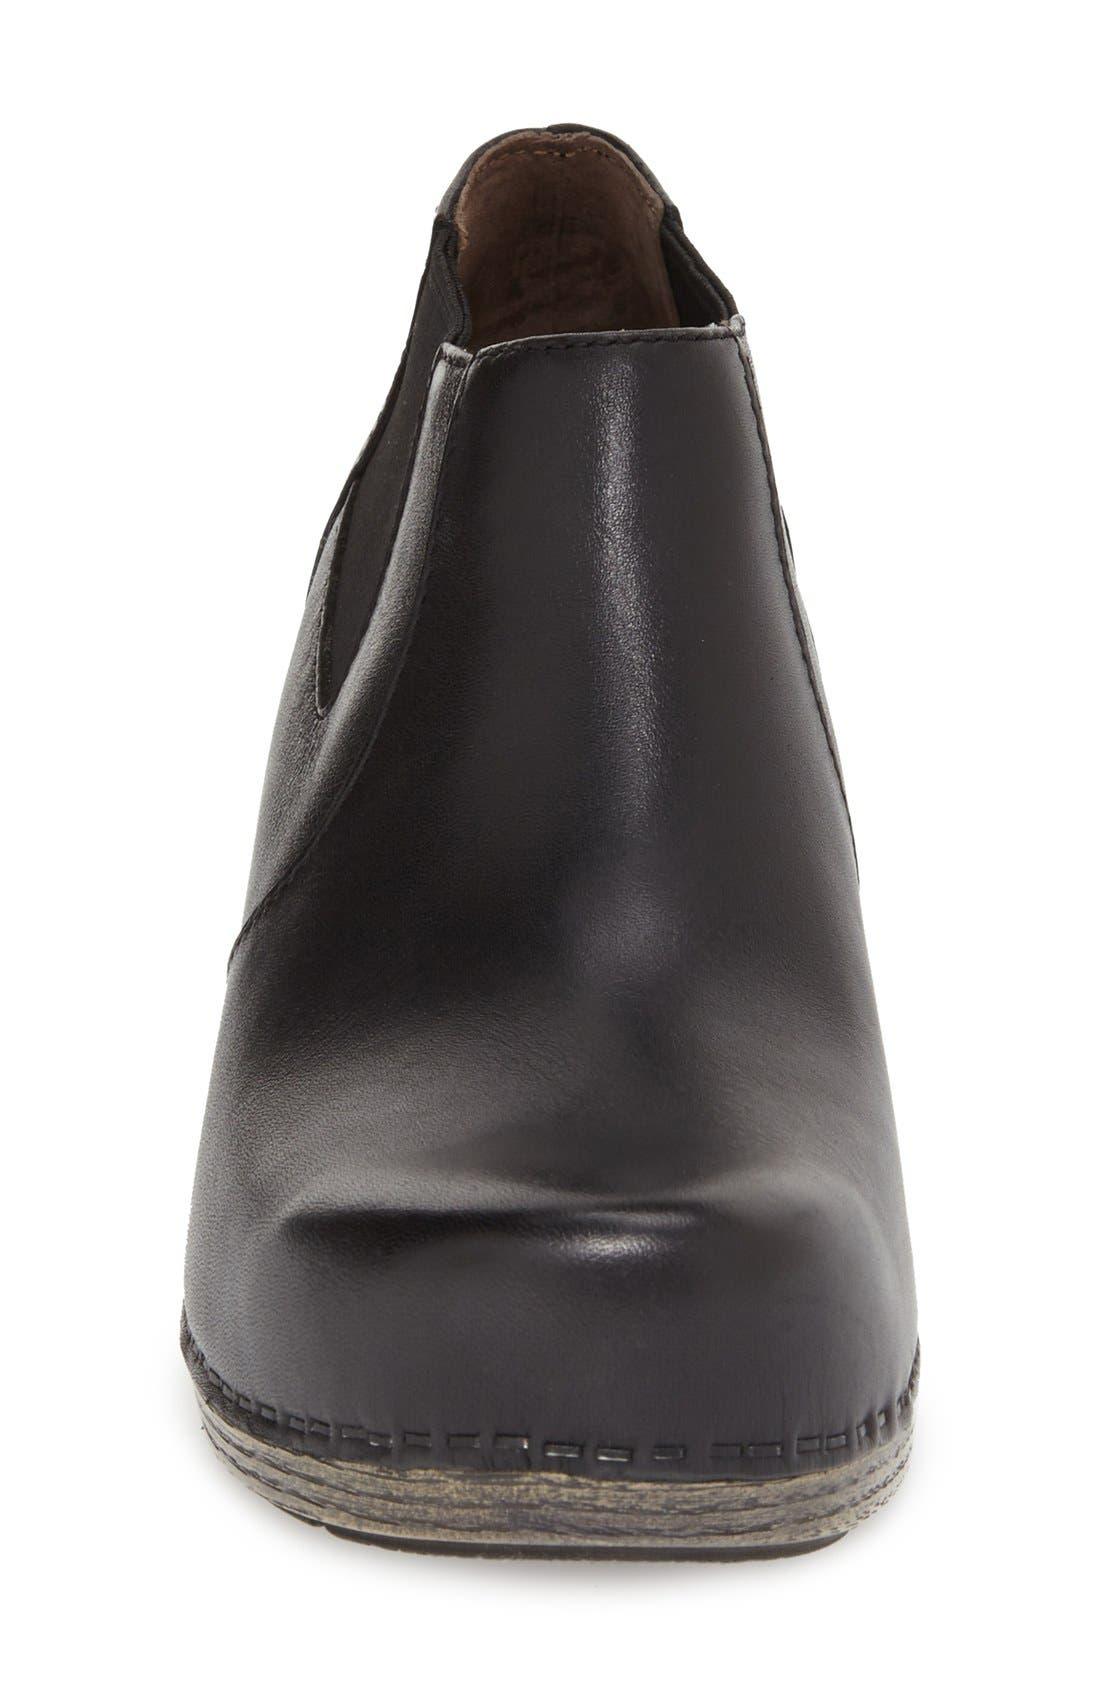 Alternate Image 3  - Dansko 'Marilyn' Midi Chelsea Boot (Women)